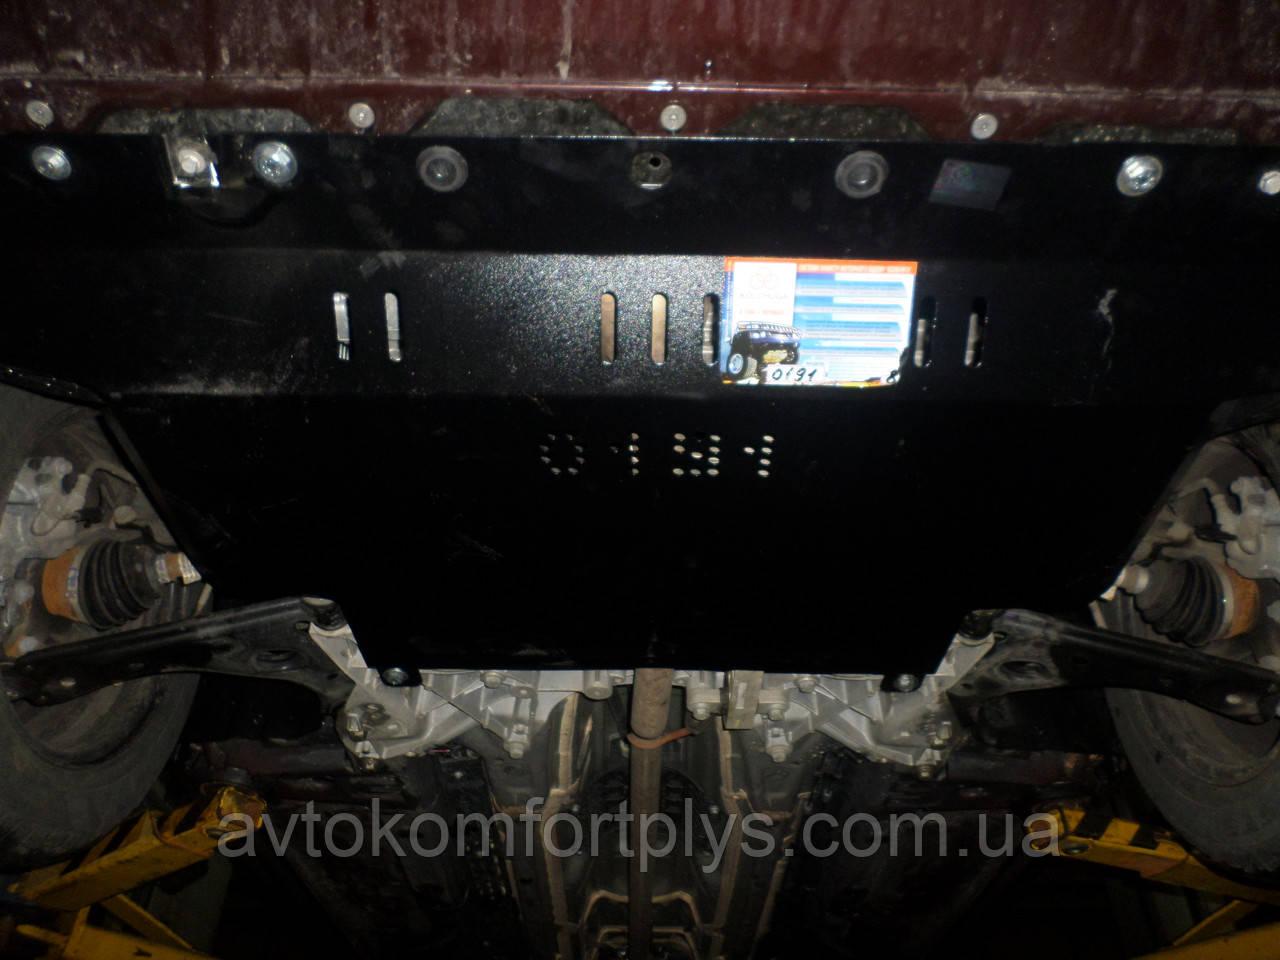 Металлическая (стальная) защита двигателя (картера) Fiat Linea Classic (2007-) (V-1,4 Б; 1,3 D)